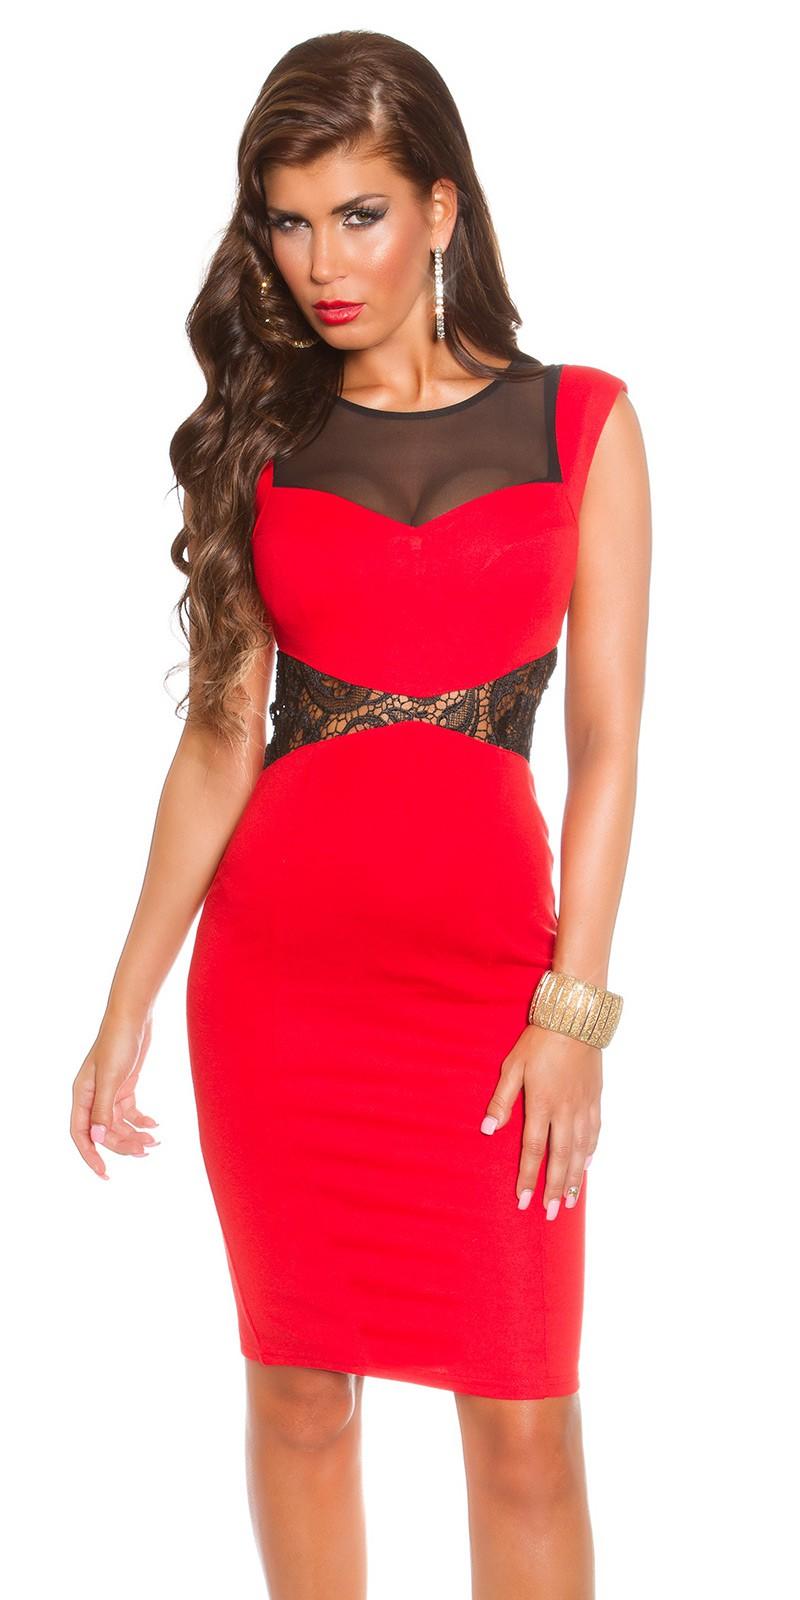 7d040614a8 Szexi csipke-háló betétes női ruha - Piros (36-42) | Mysticfashion ...